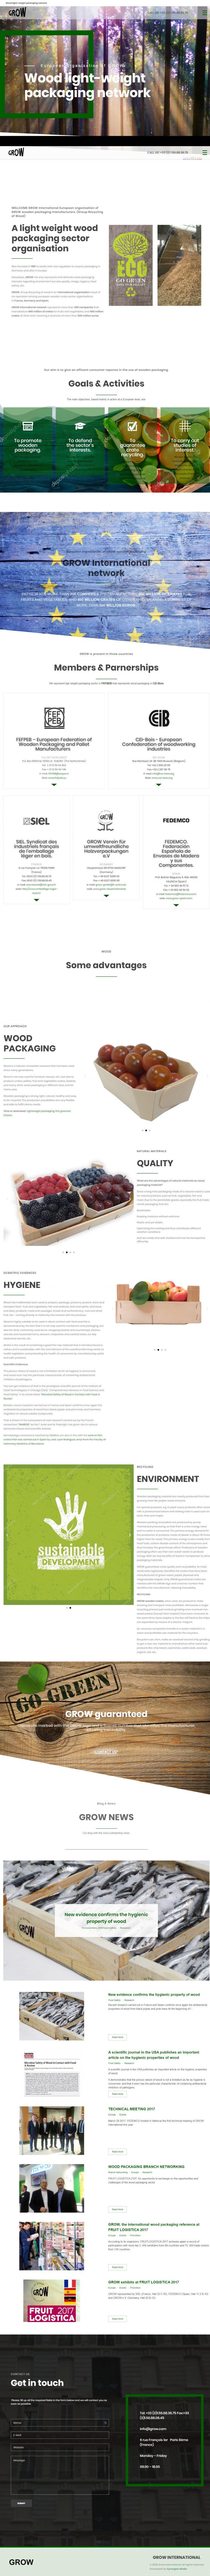 Grow International – Wood light-weight packaging network.clipular